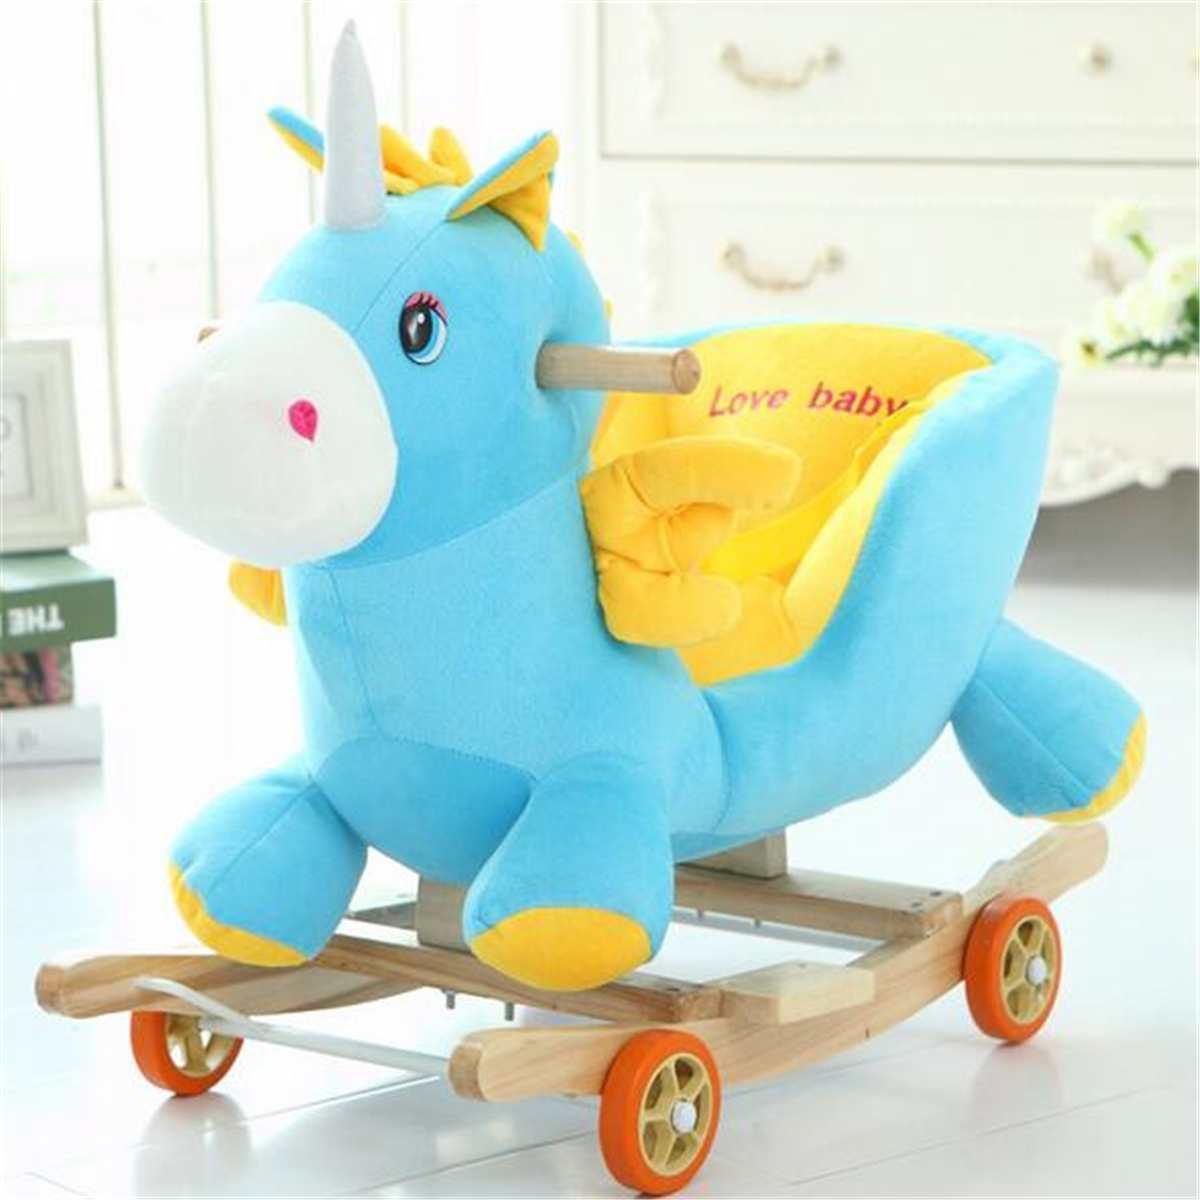 Mecedora de madera y plushh con música, mecedora de juguete troyano, cochecito de bebé, carrito infantil para regalo de cumpleaños para niños - 3